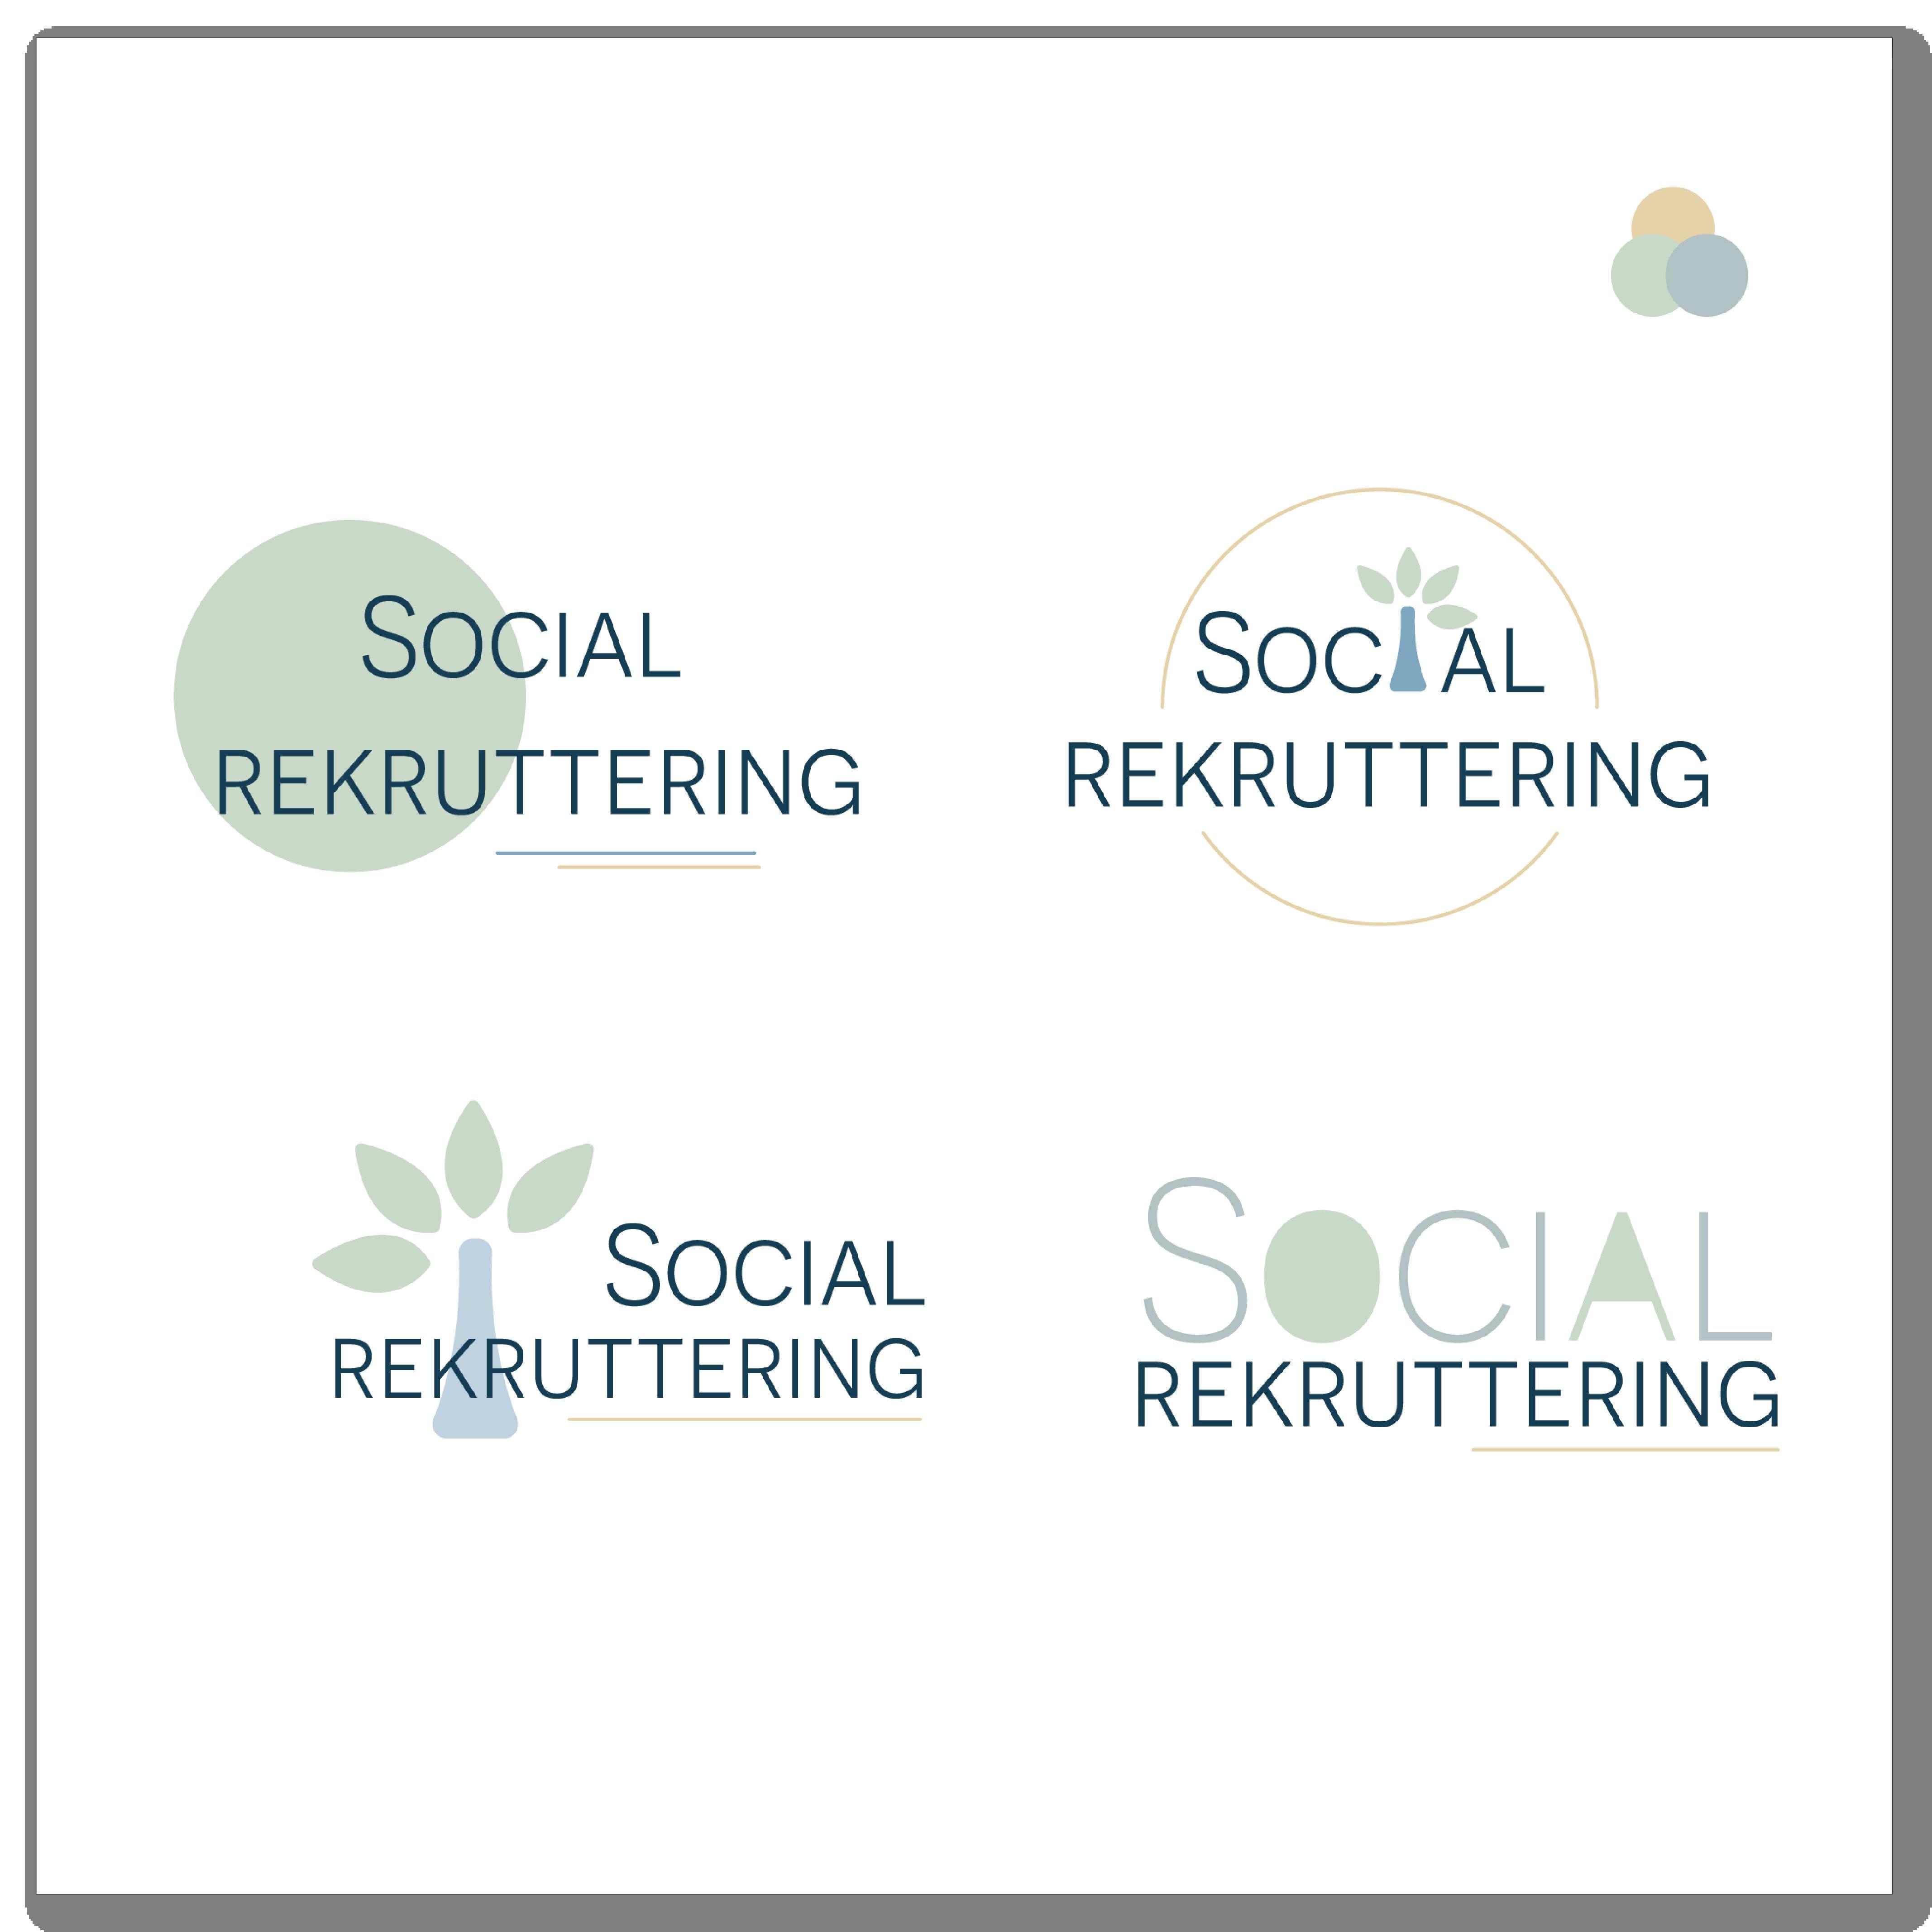 visuel_identitet_social_rekruttering_9